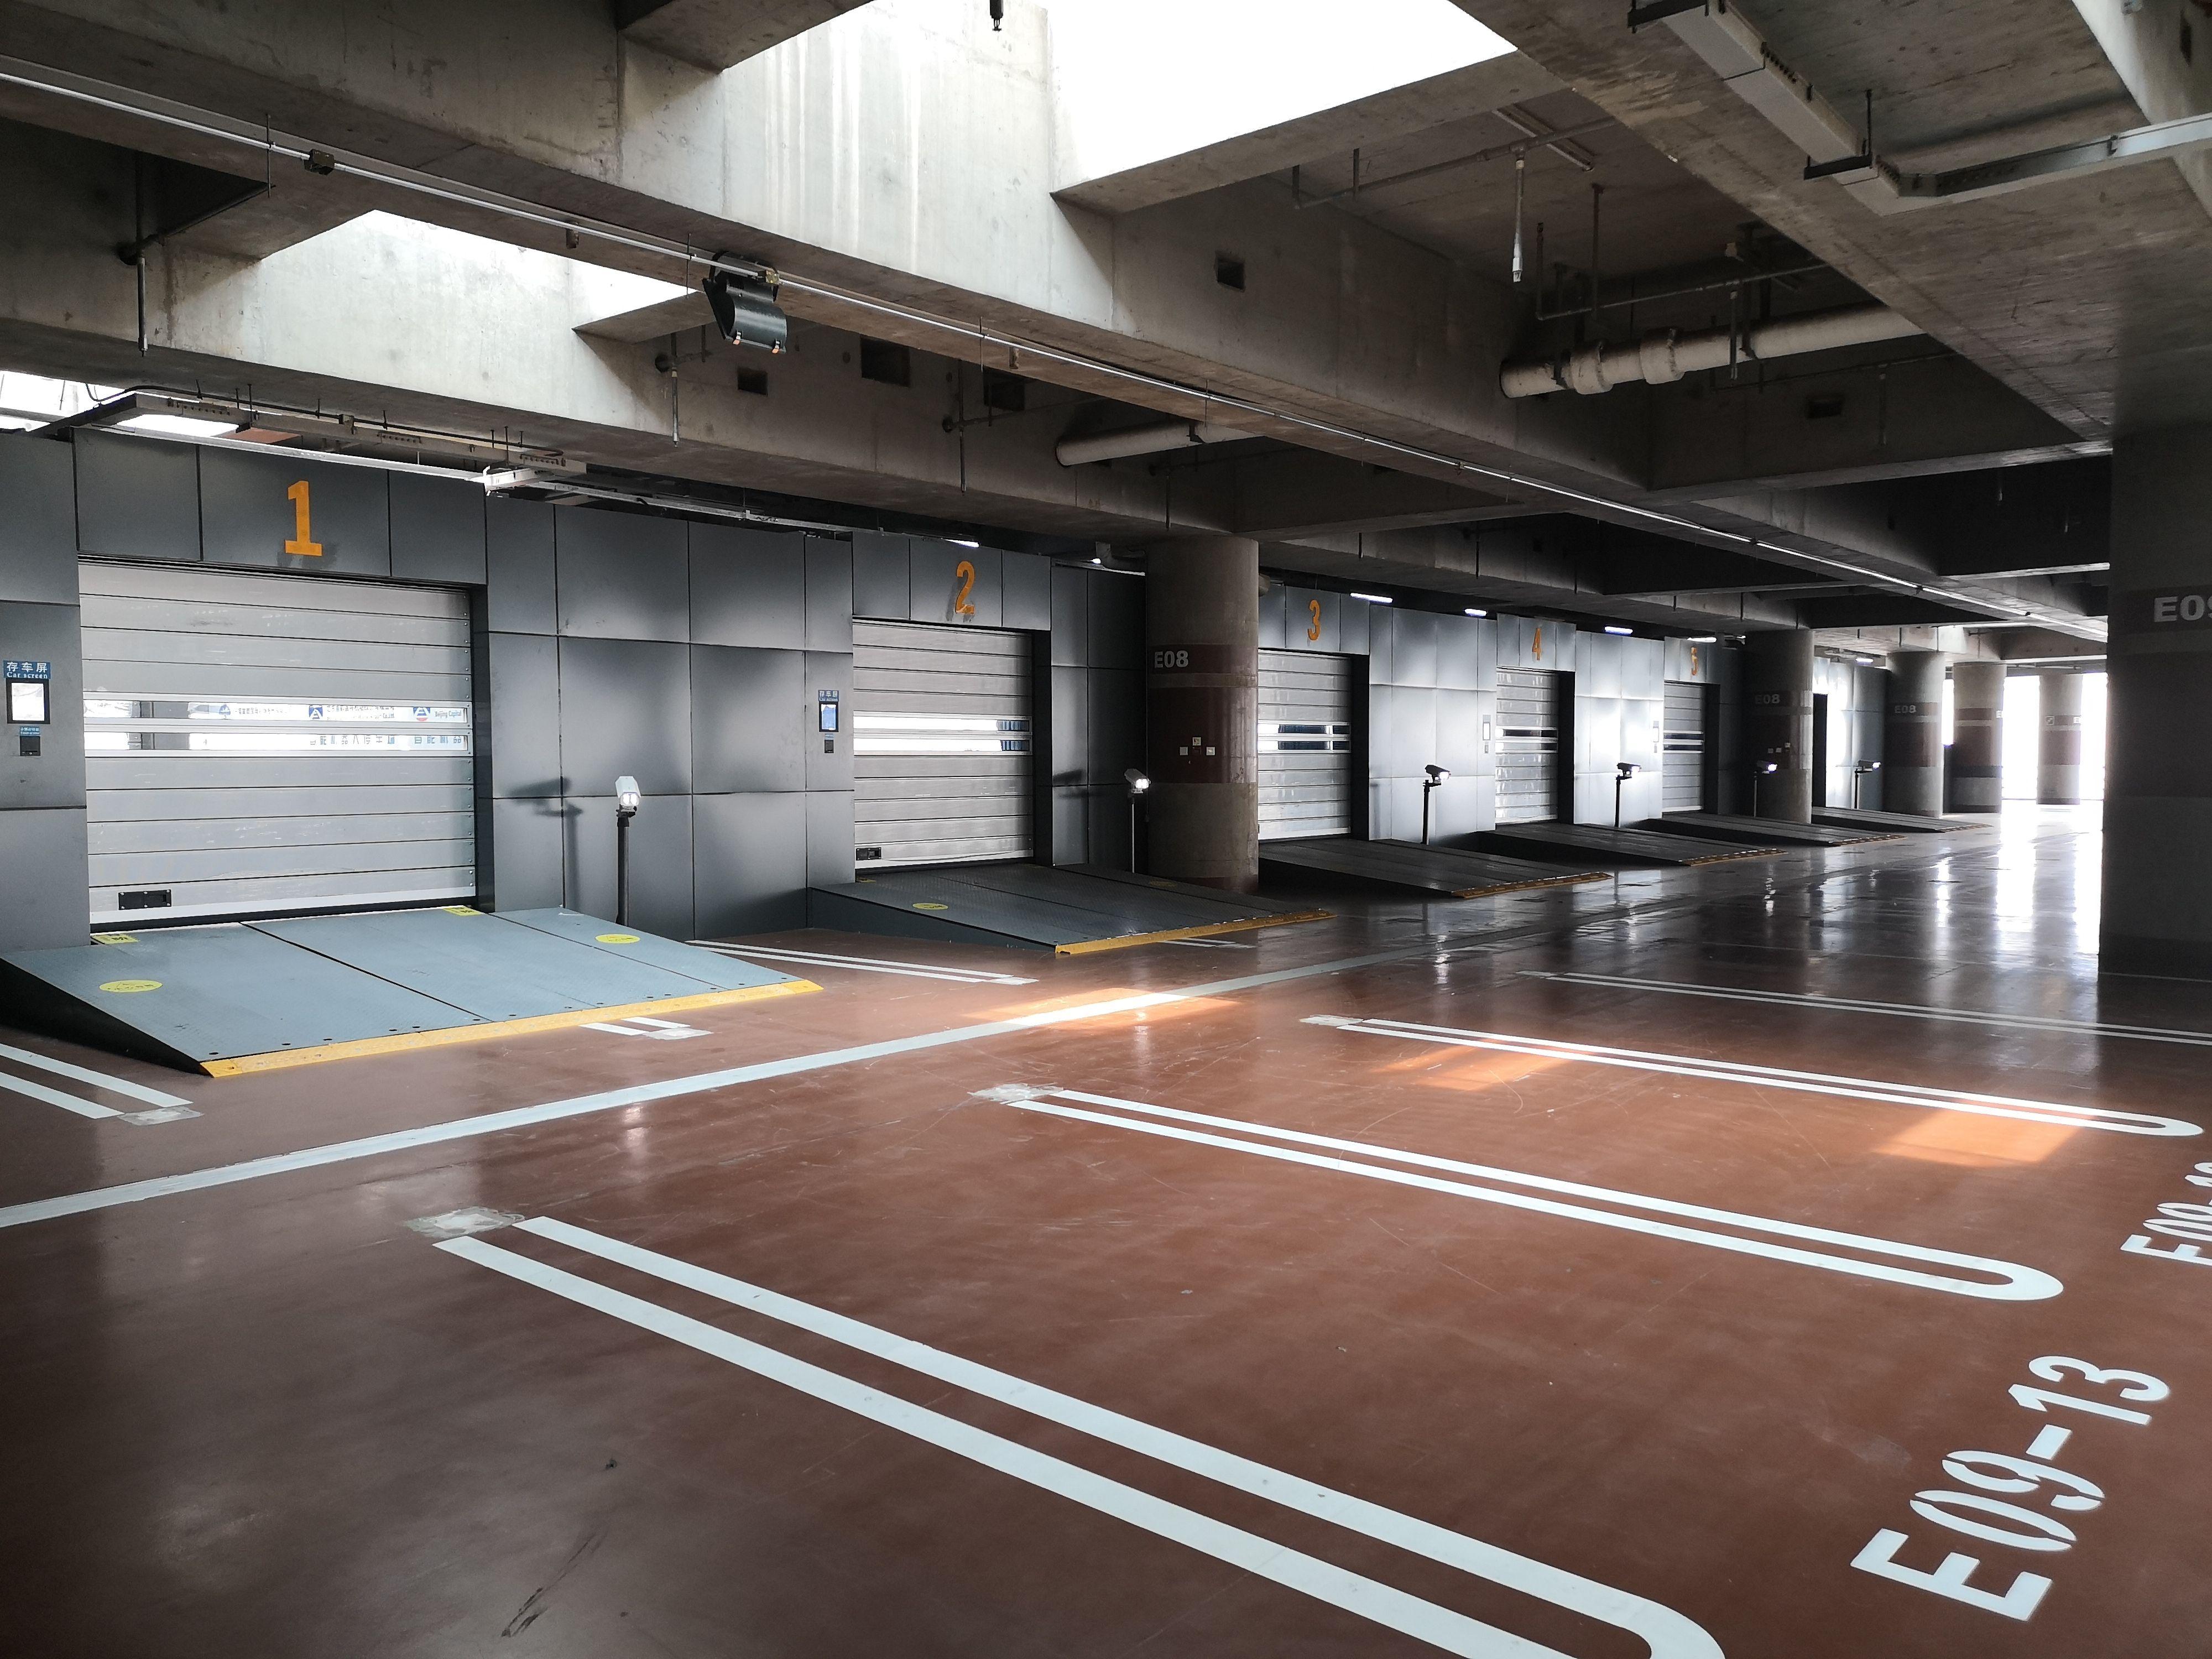 旅客将车辆存入泊车房,停车机器人就能完成升举、搬运、旋转、入库等动作,将车辆送到车位。摄影/新京报记者